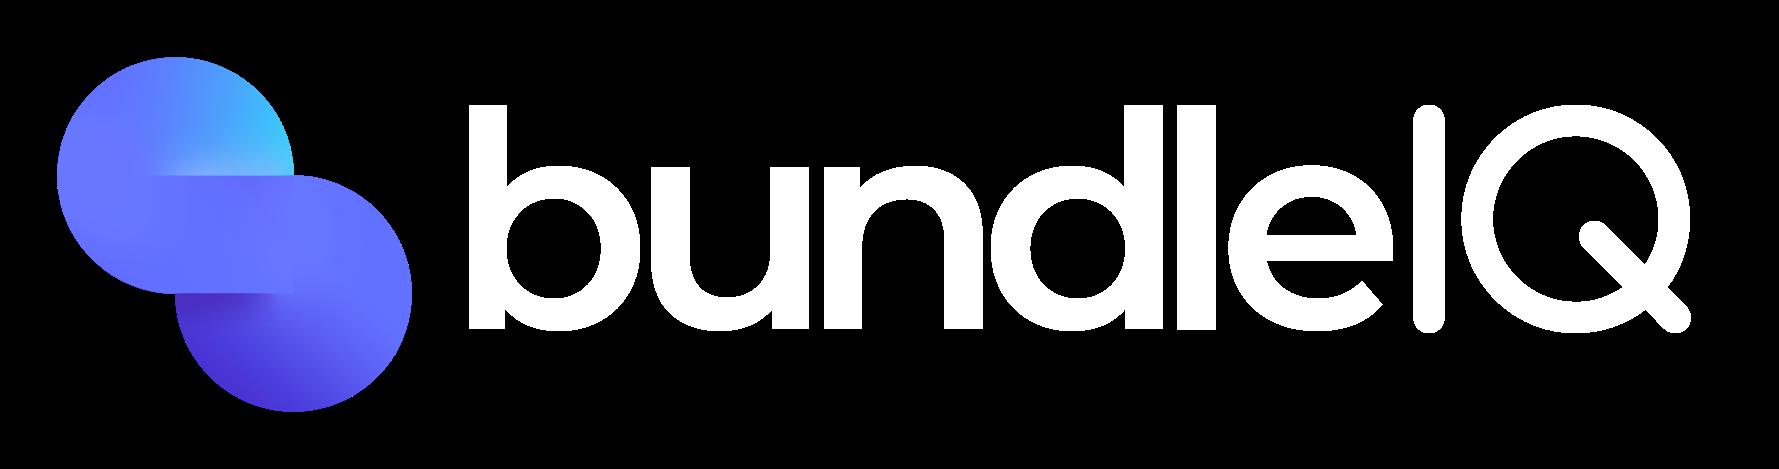 bunldeIQ white logo